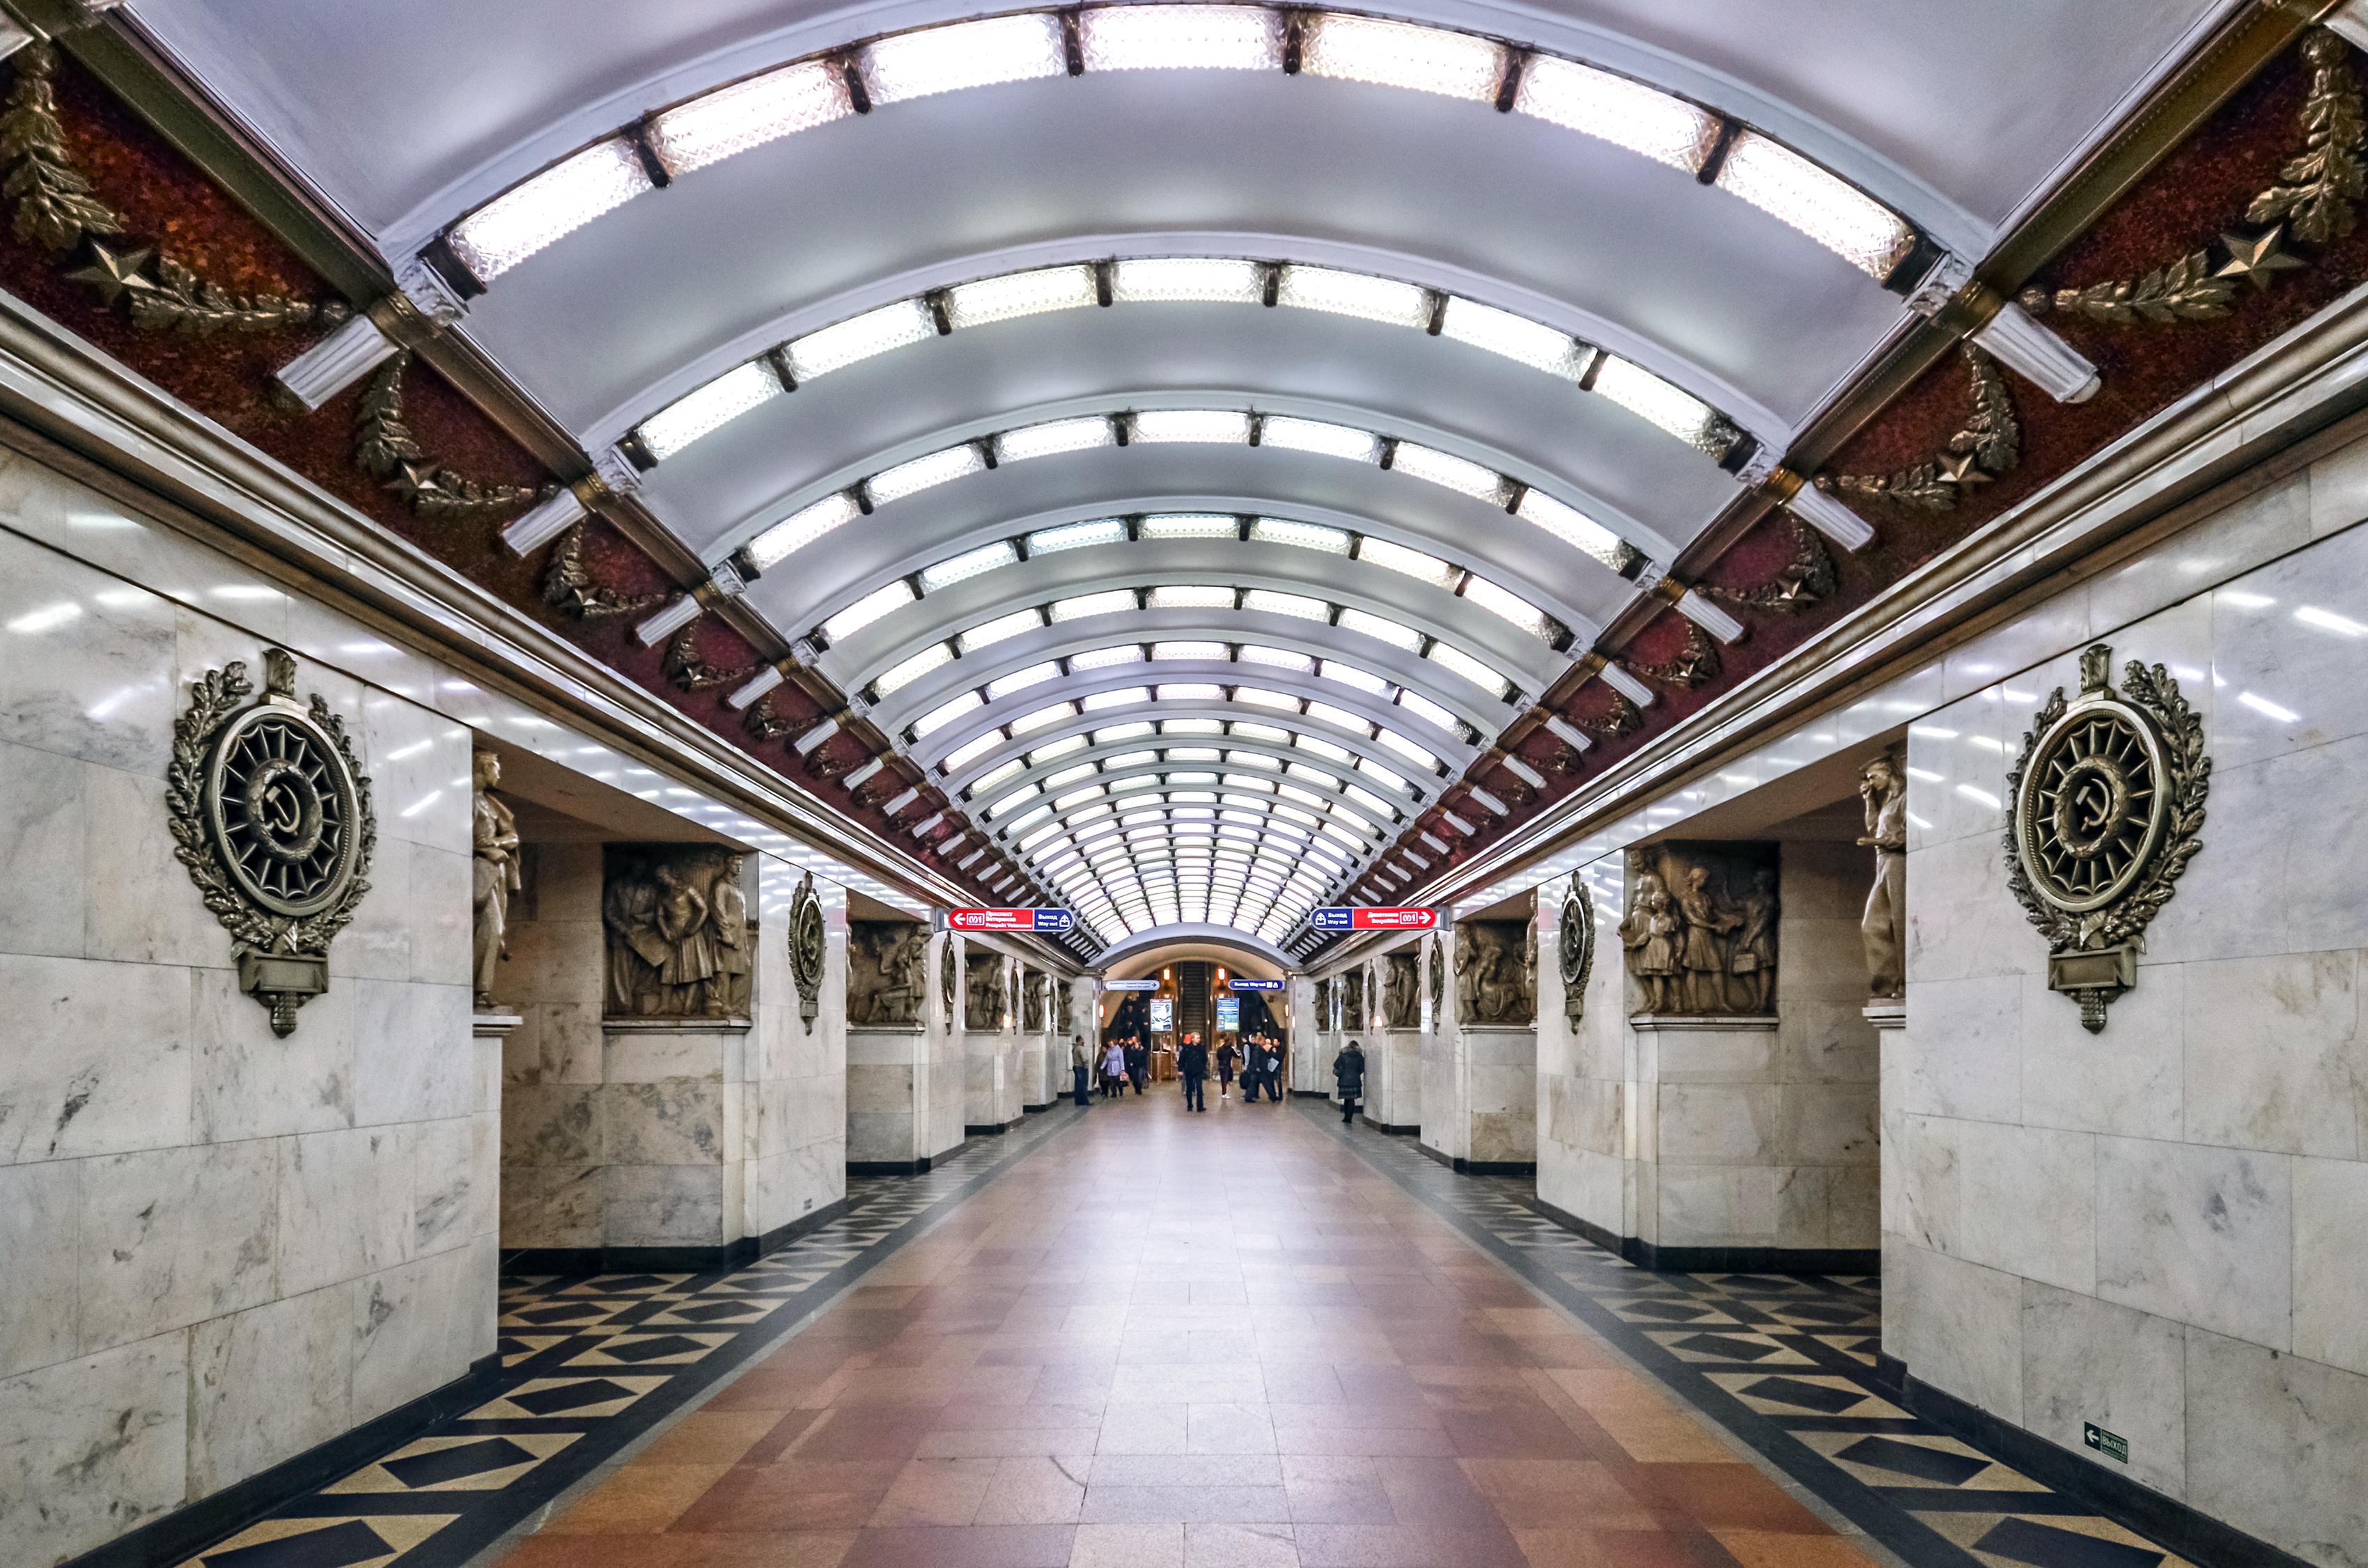 станции метро в санкт петербурге фото основание матрас стоимость